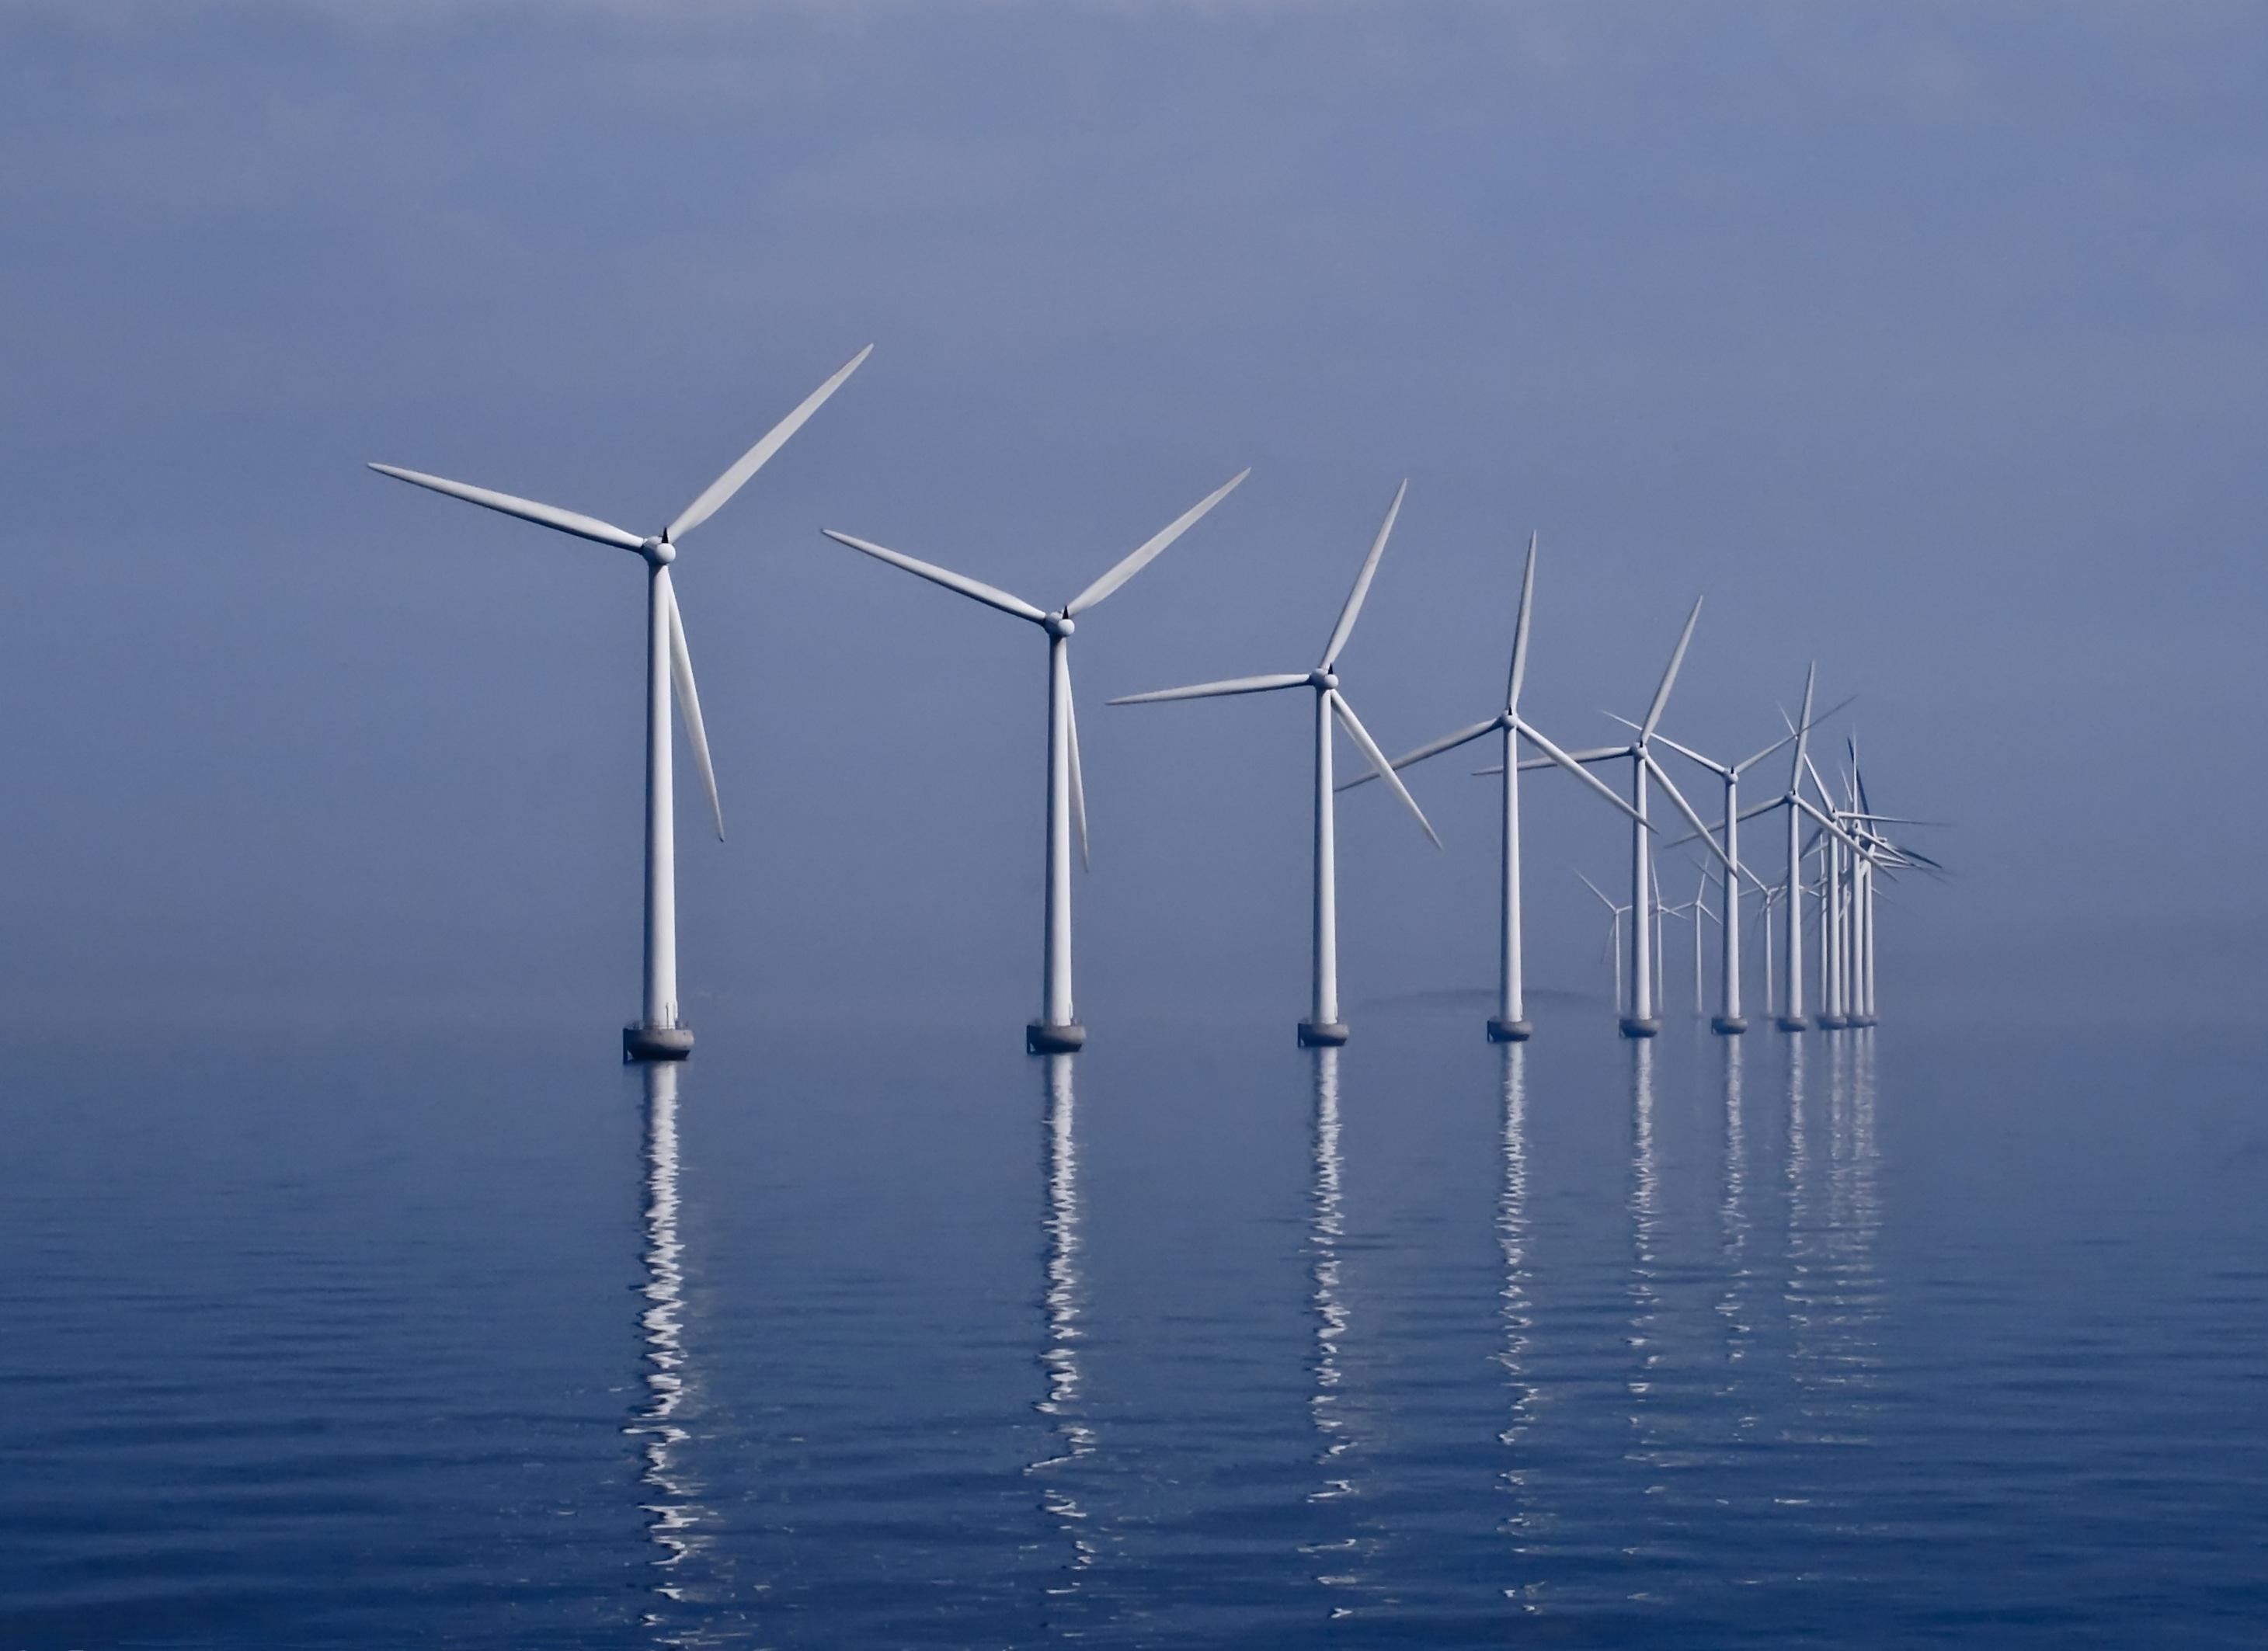 © Wikimédia - Champs d'éoliennes off-shore du Danemark